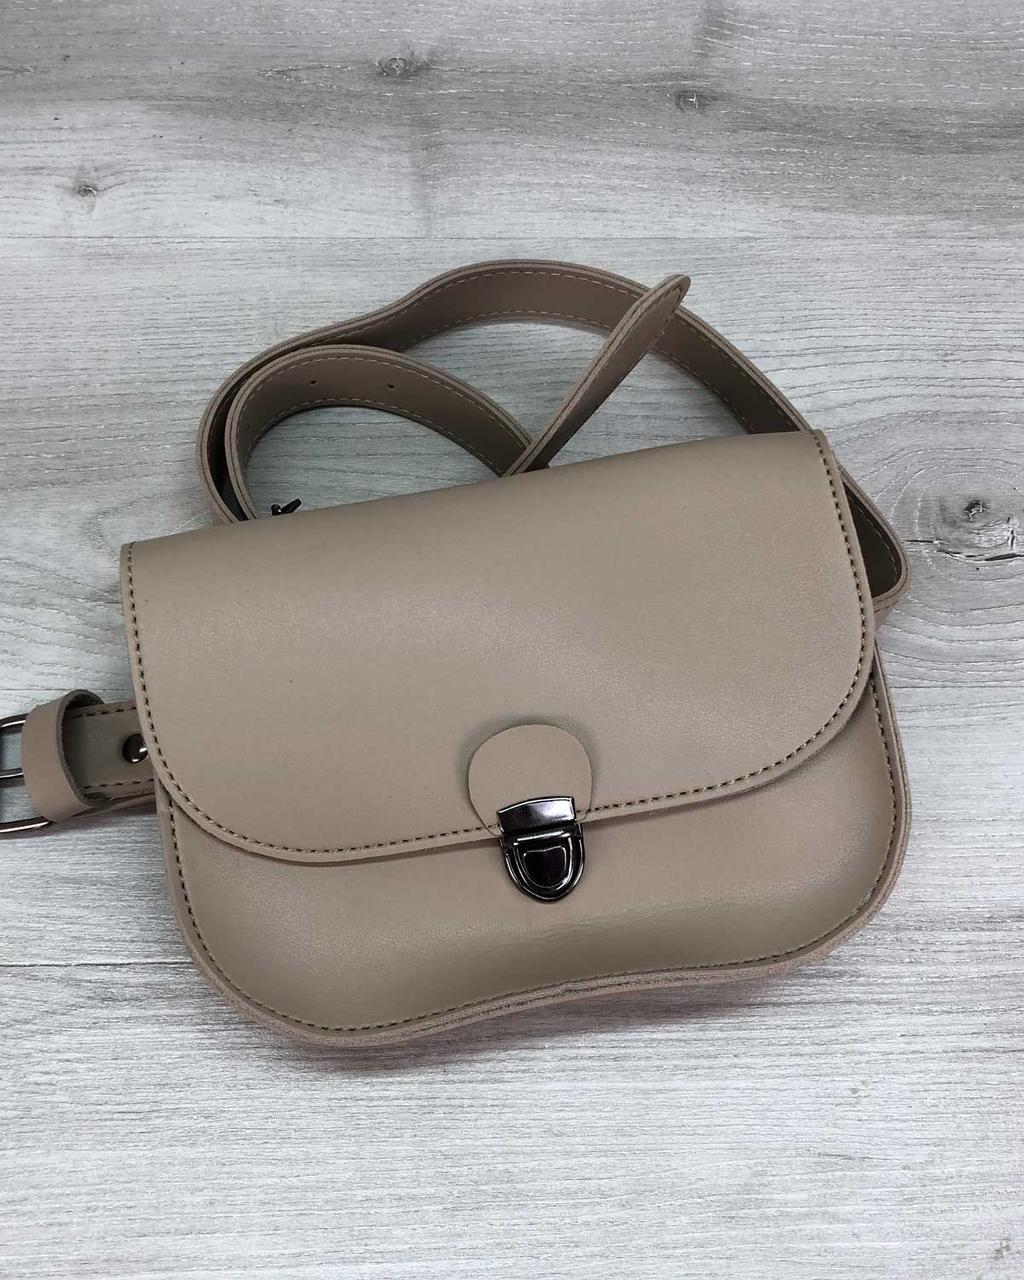 Стильная сумка женская на пояс клатч «Stacy» бежевая, поясная сумочка женская на пояс